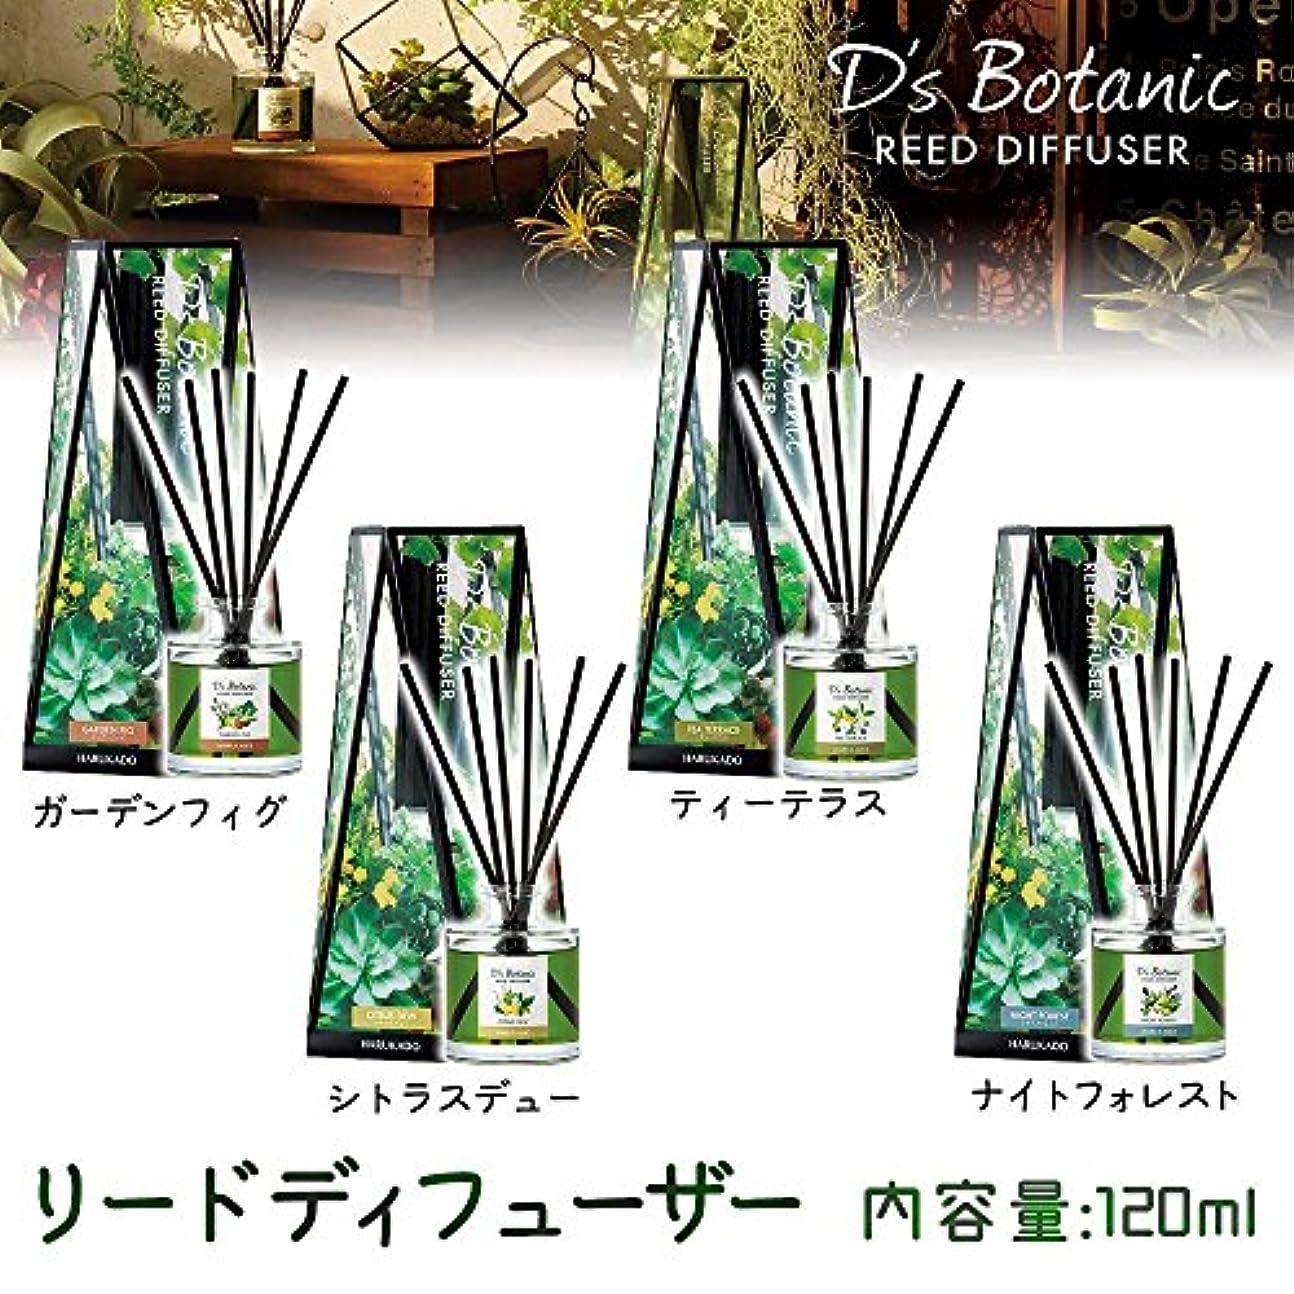 記者肺炎ボイコットD'S Botanic(デイズボタニック) リードディフューザー ルームフレグランス 120ml ナイトフォレスト?6231【人気 おすすめ 】